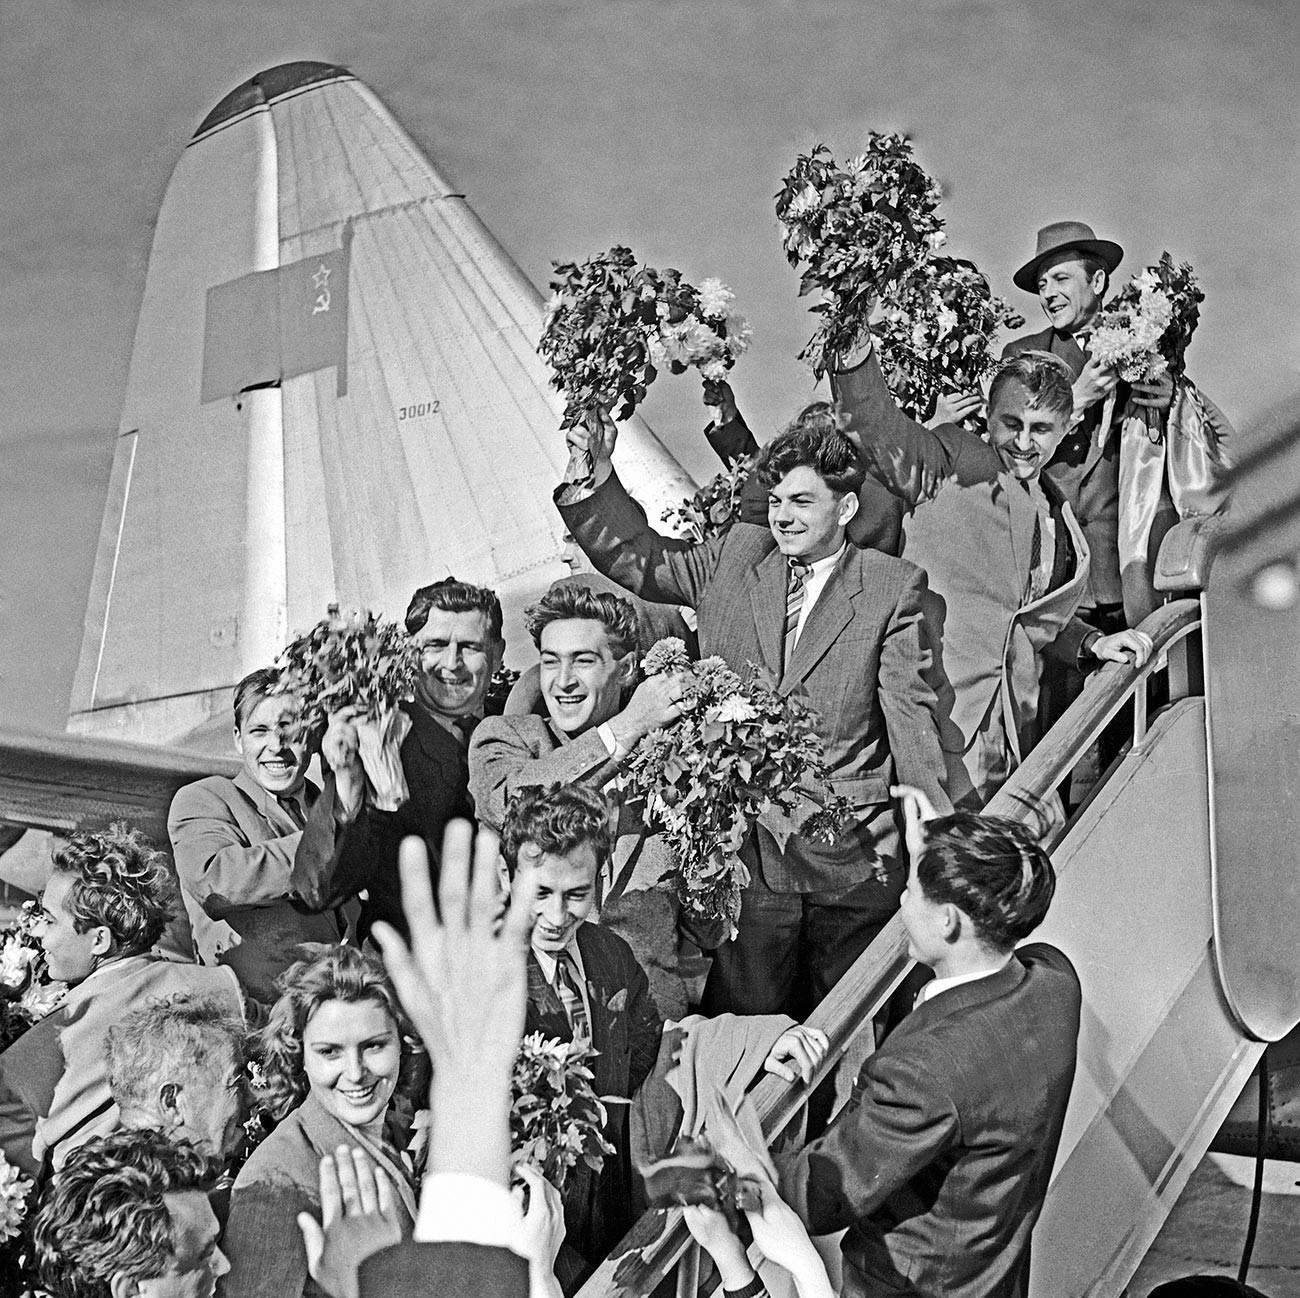 ソ連に帰った乗組員、映画「緊急事態」からのシーン